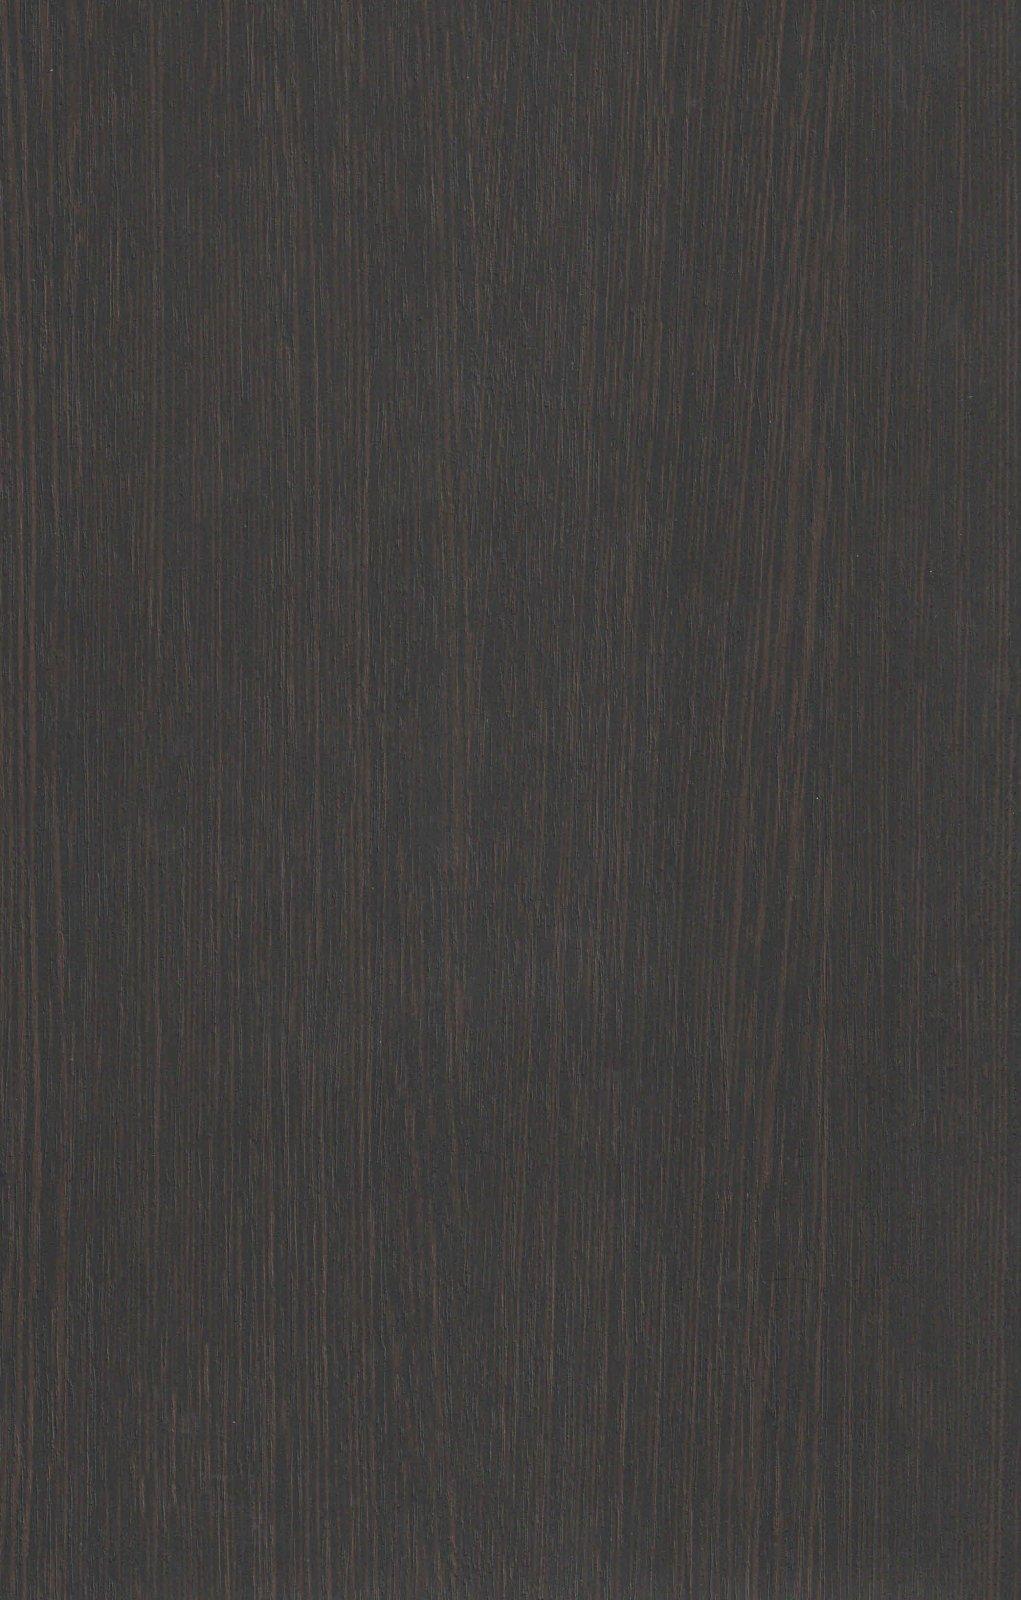 Пленка ПВХ Венге южное дверное